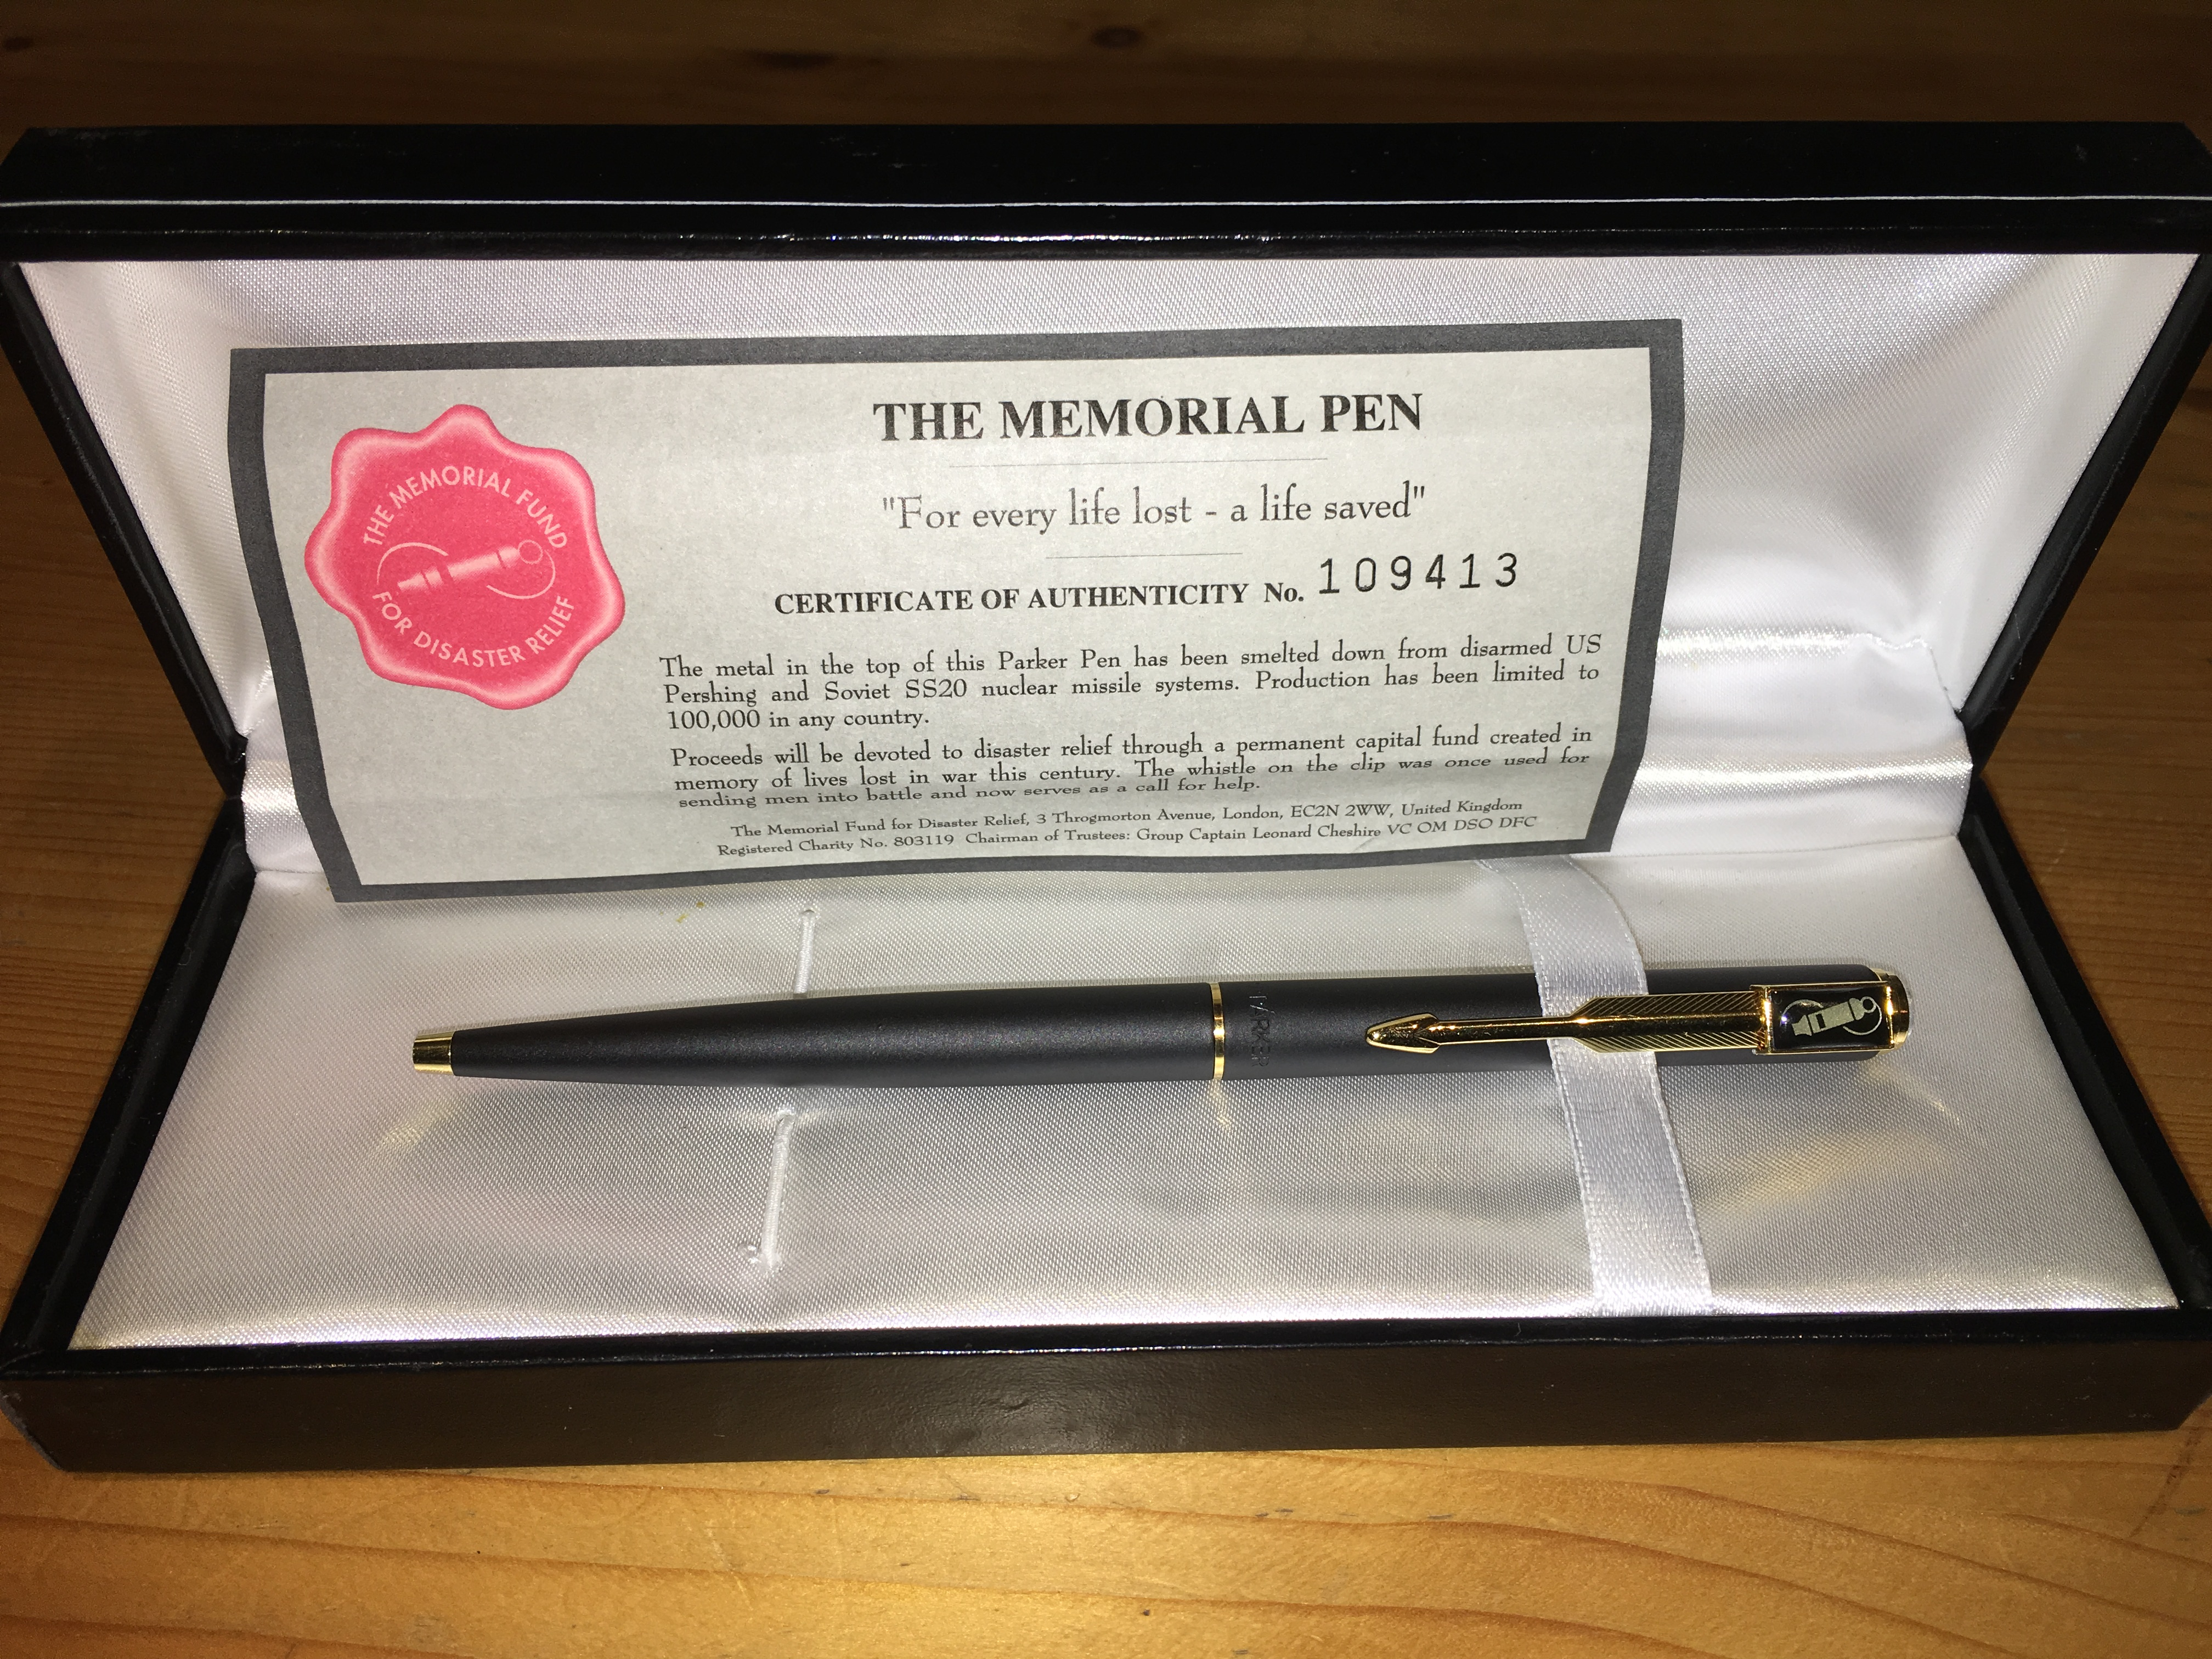 Parker Pen 2